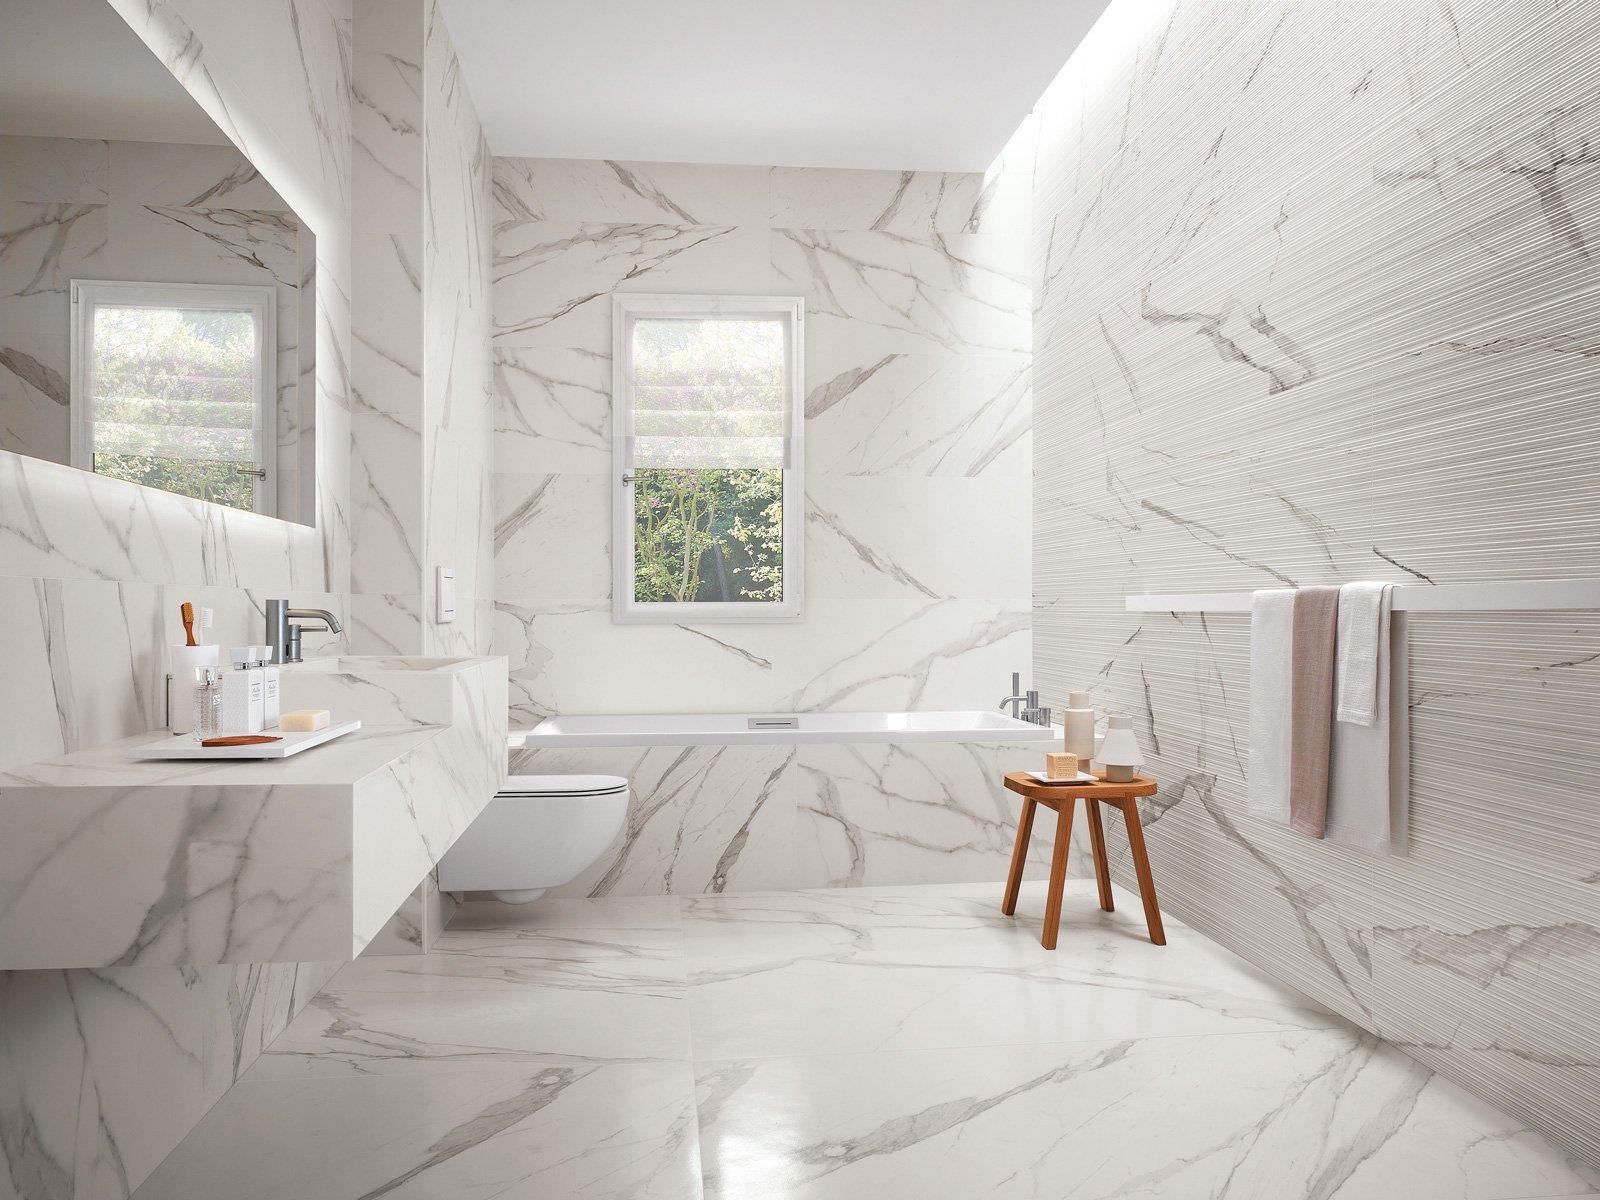 Piastrelle in gres scegliere il fascino eterno del marmo e della